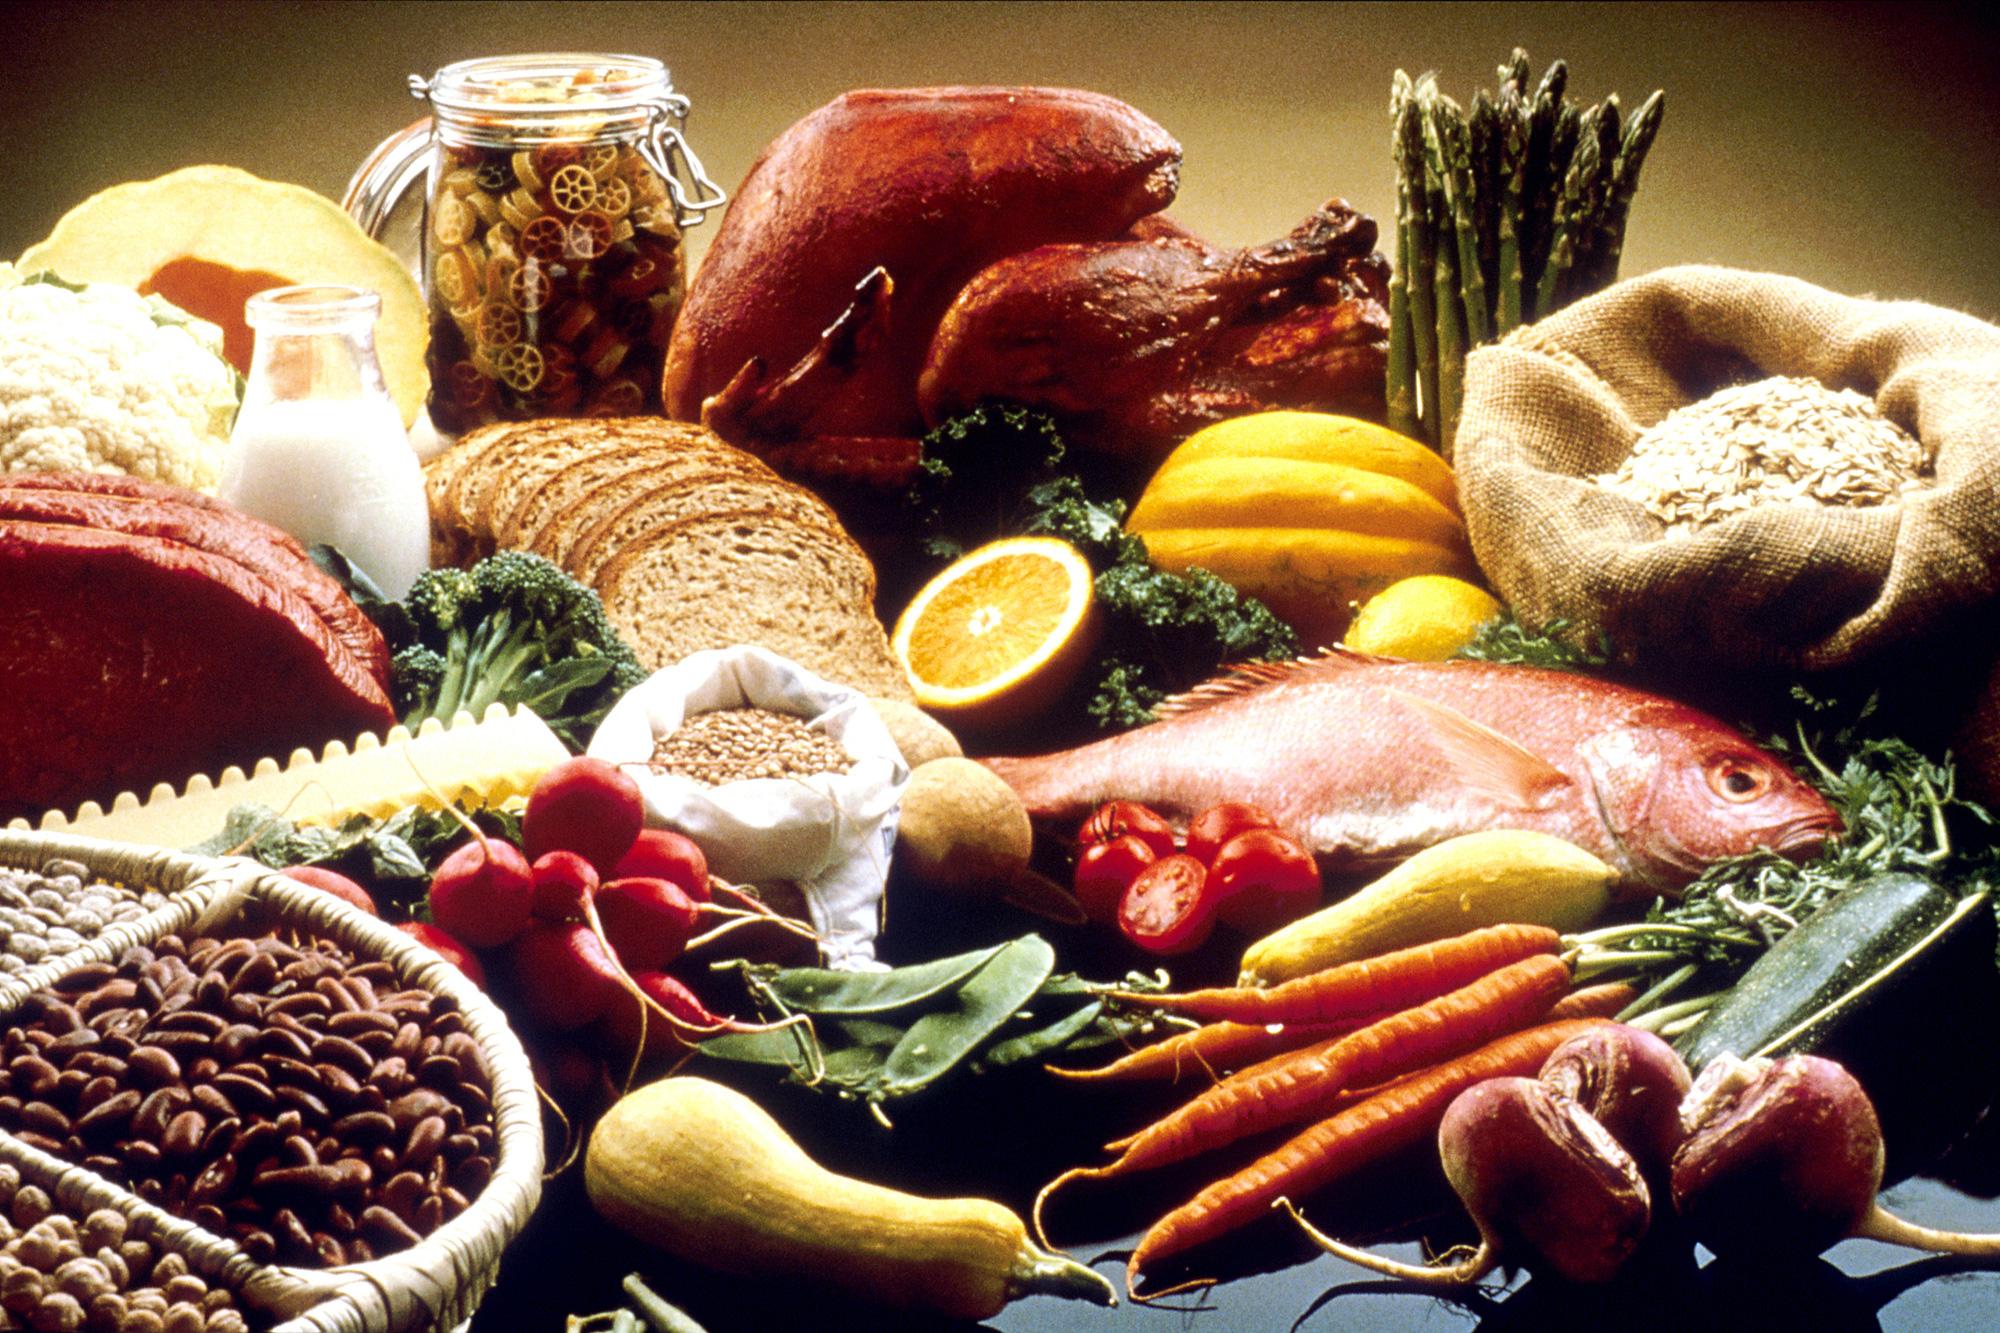 WHO nói về khả năng COVID-19 truyền qua thức ăn - Ảnh 1.